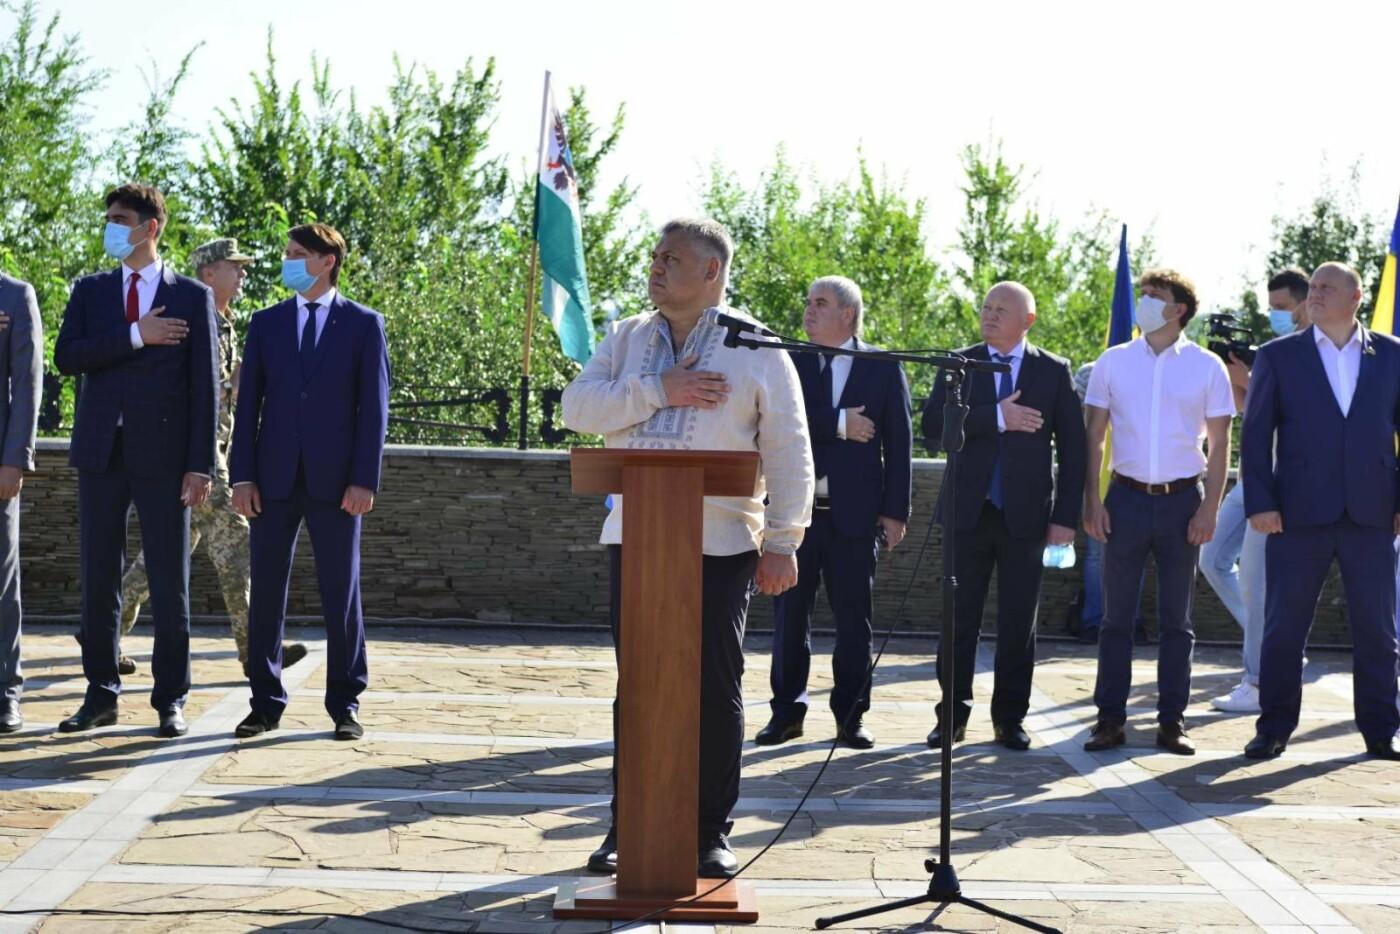 Впервые на Хортице развернули 100-метровый флаг Украины, - ФОТОРЕПОРТАЖ, фото-10